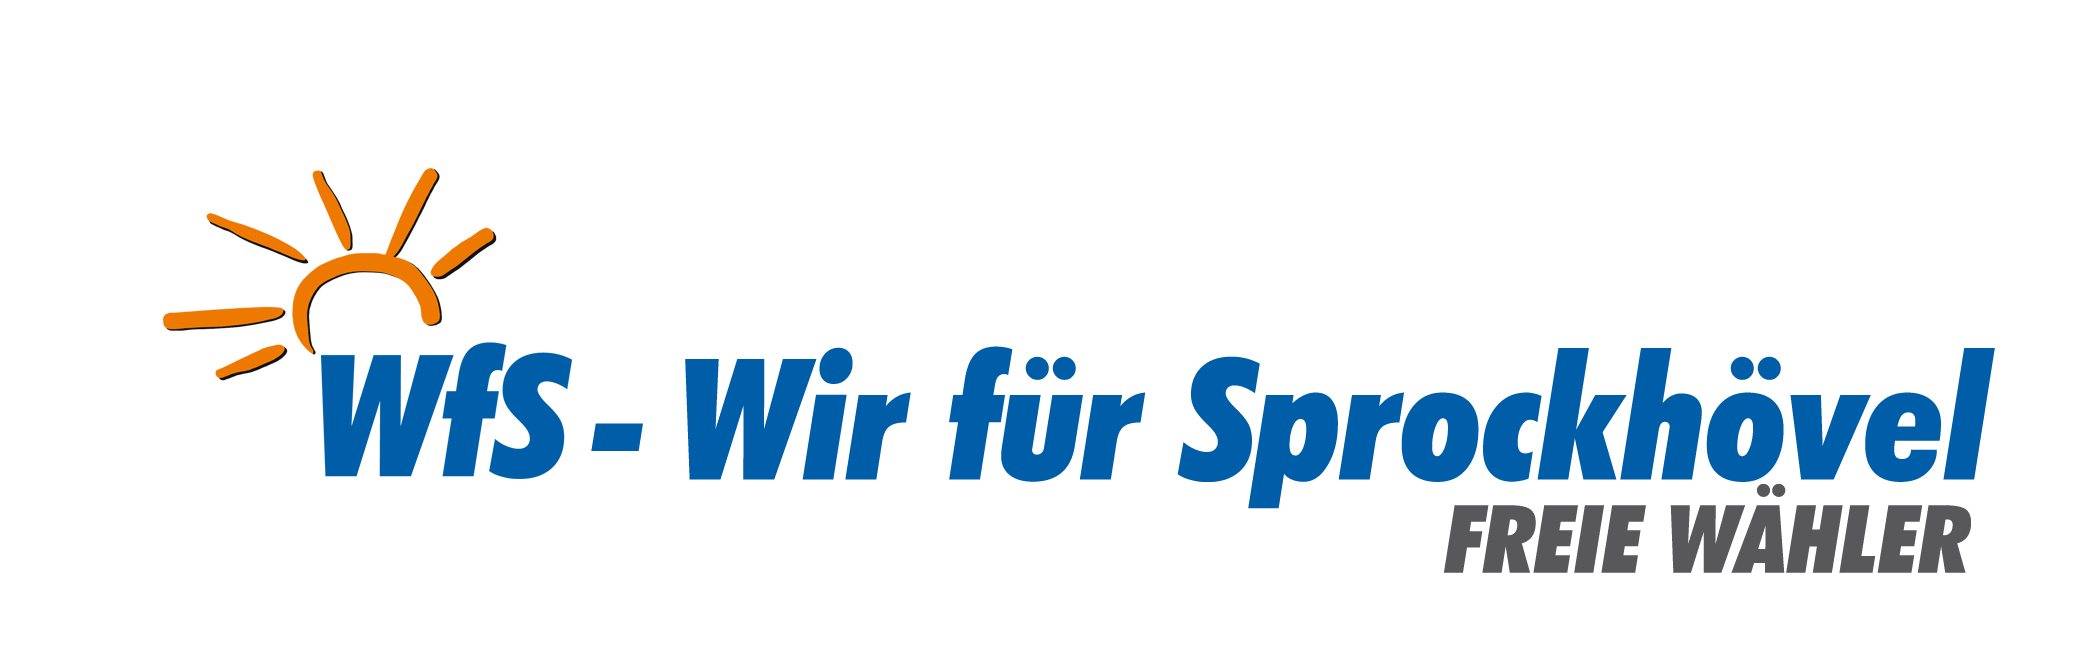 WfS - Wir für Sprockhövel